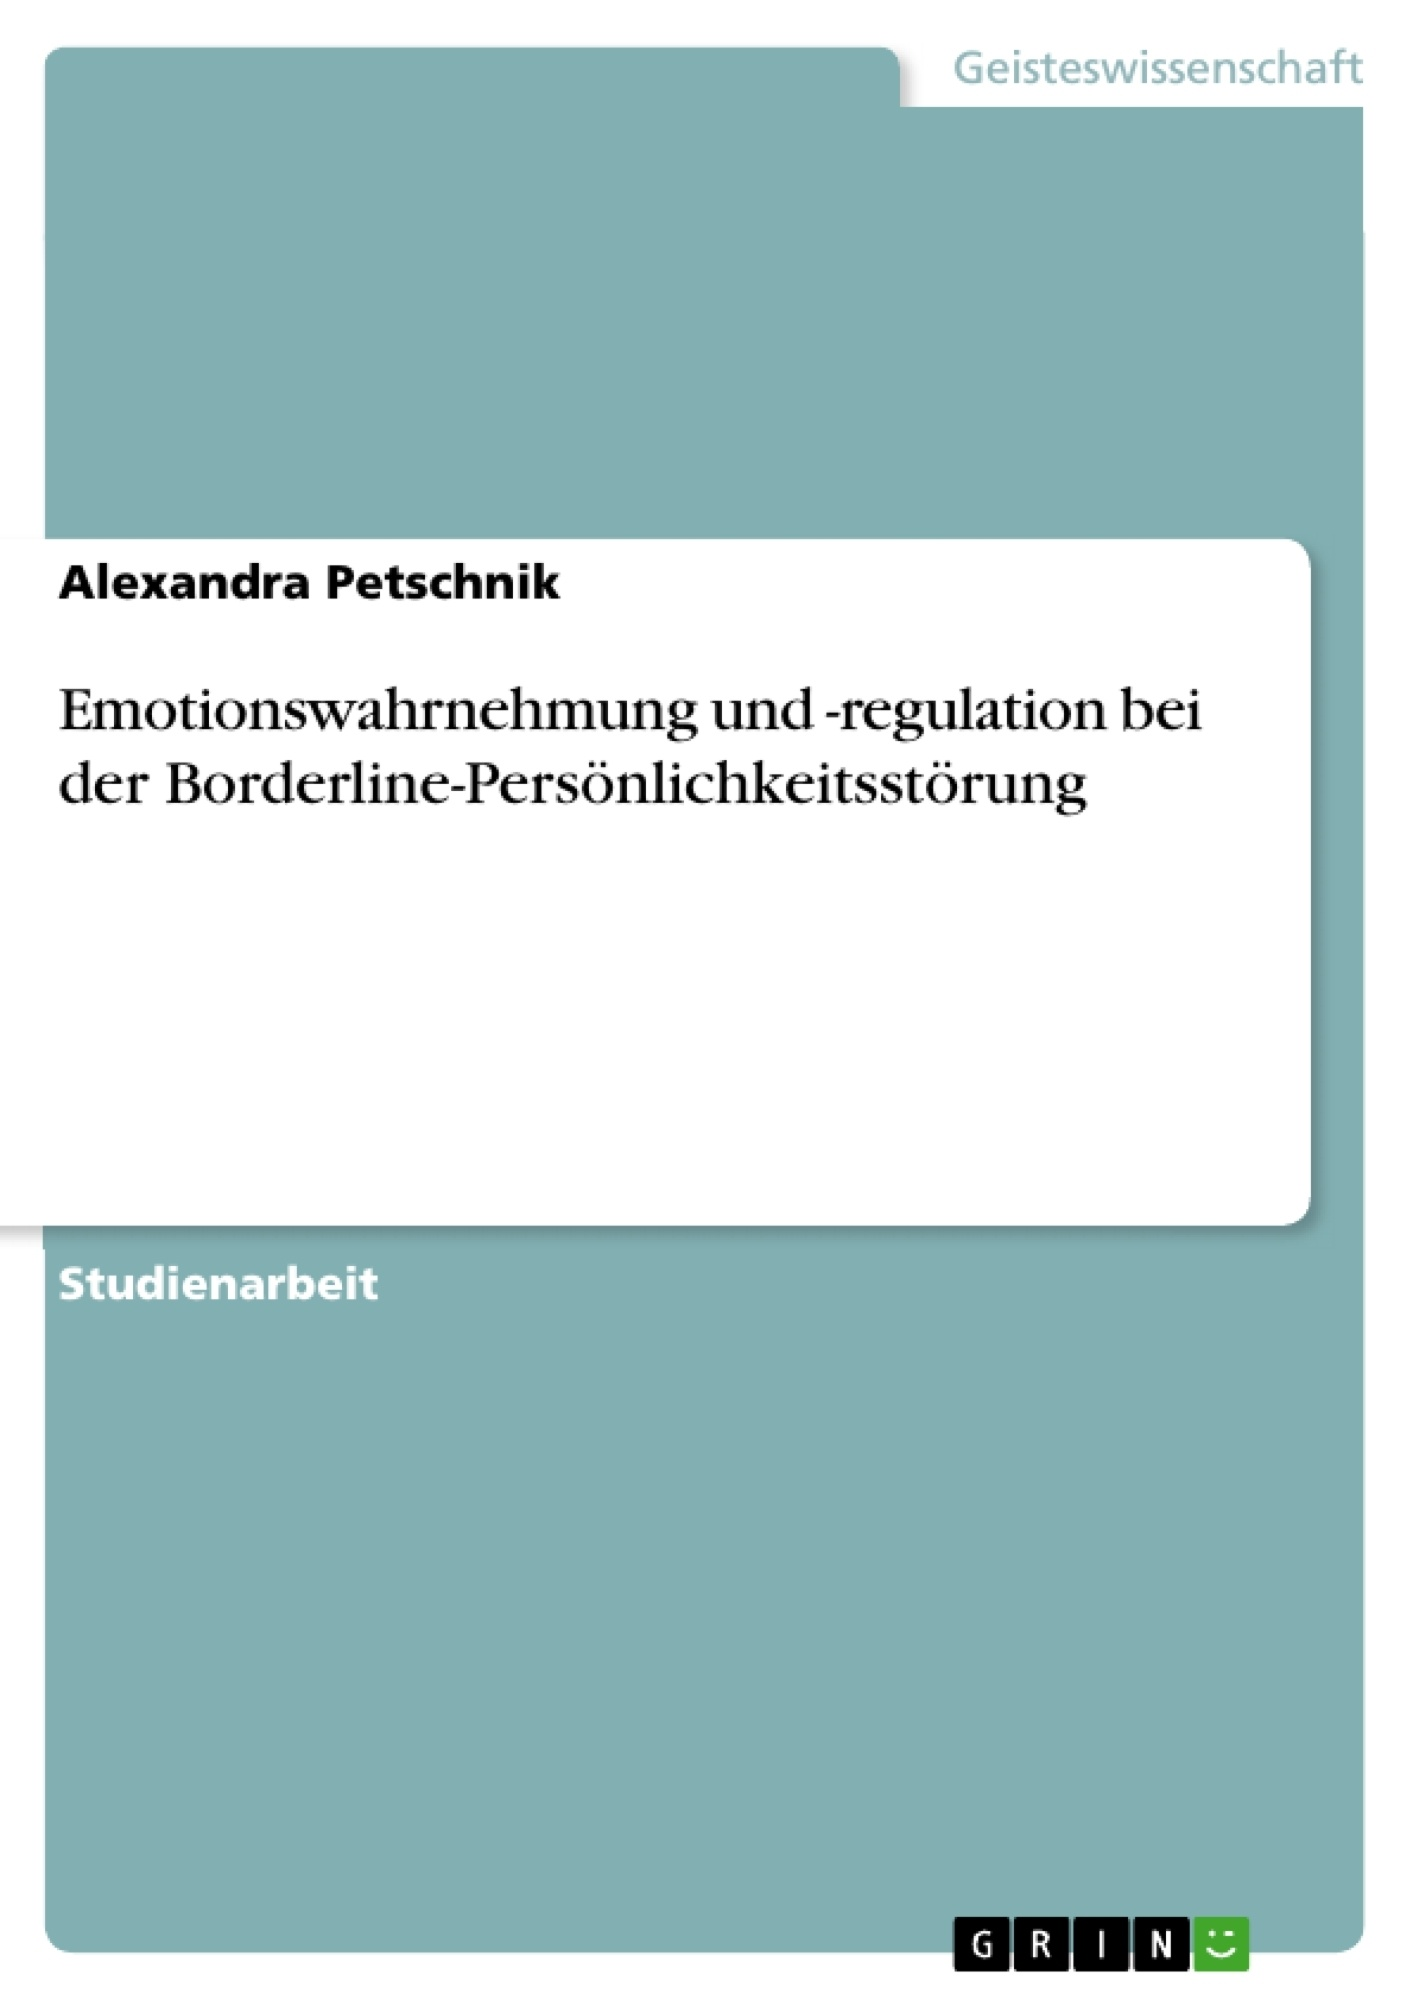 Titel: Emotionswahrnehmung und -regulation bei der Borderline-Persönlichkeitsstörung